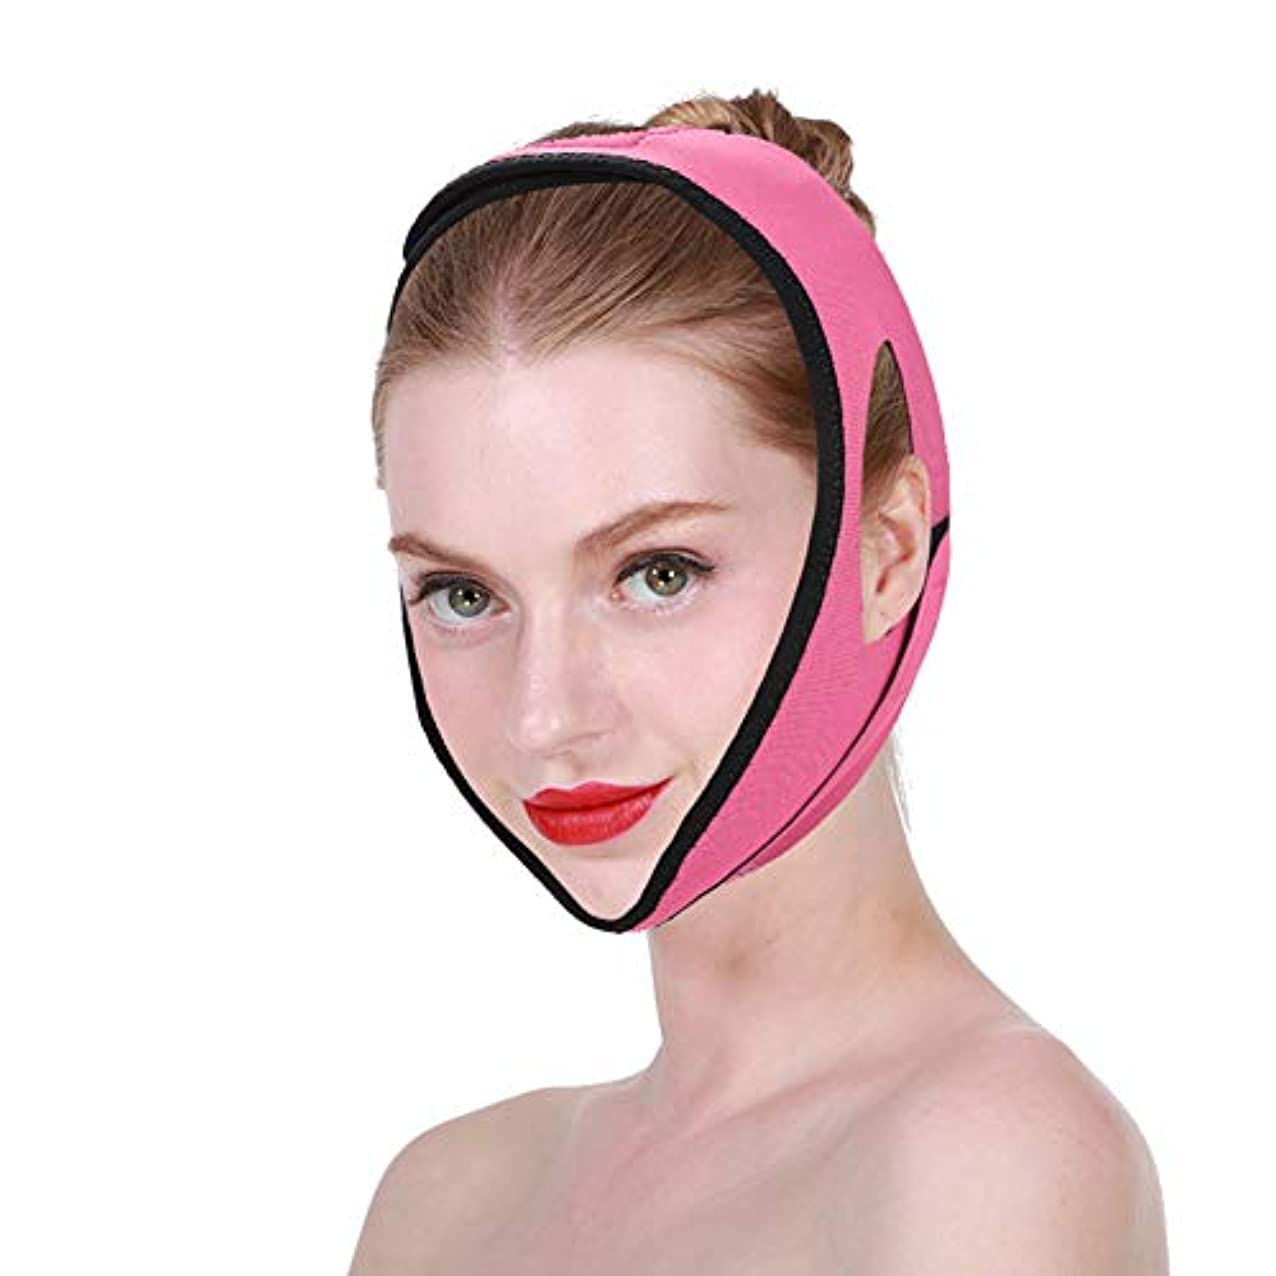 割る味付け原因フェイシャルスリミングマスク、フェイスベルト 顔の包帯スリミングダブルチンVラインとフェイシャルケアファーミングスキン超薄型 クラインベルト (Red)